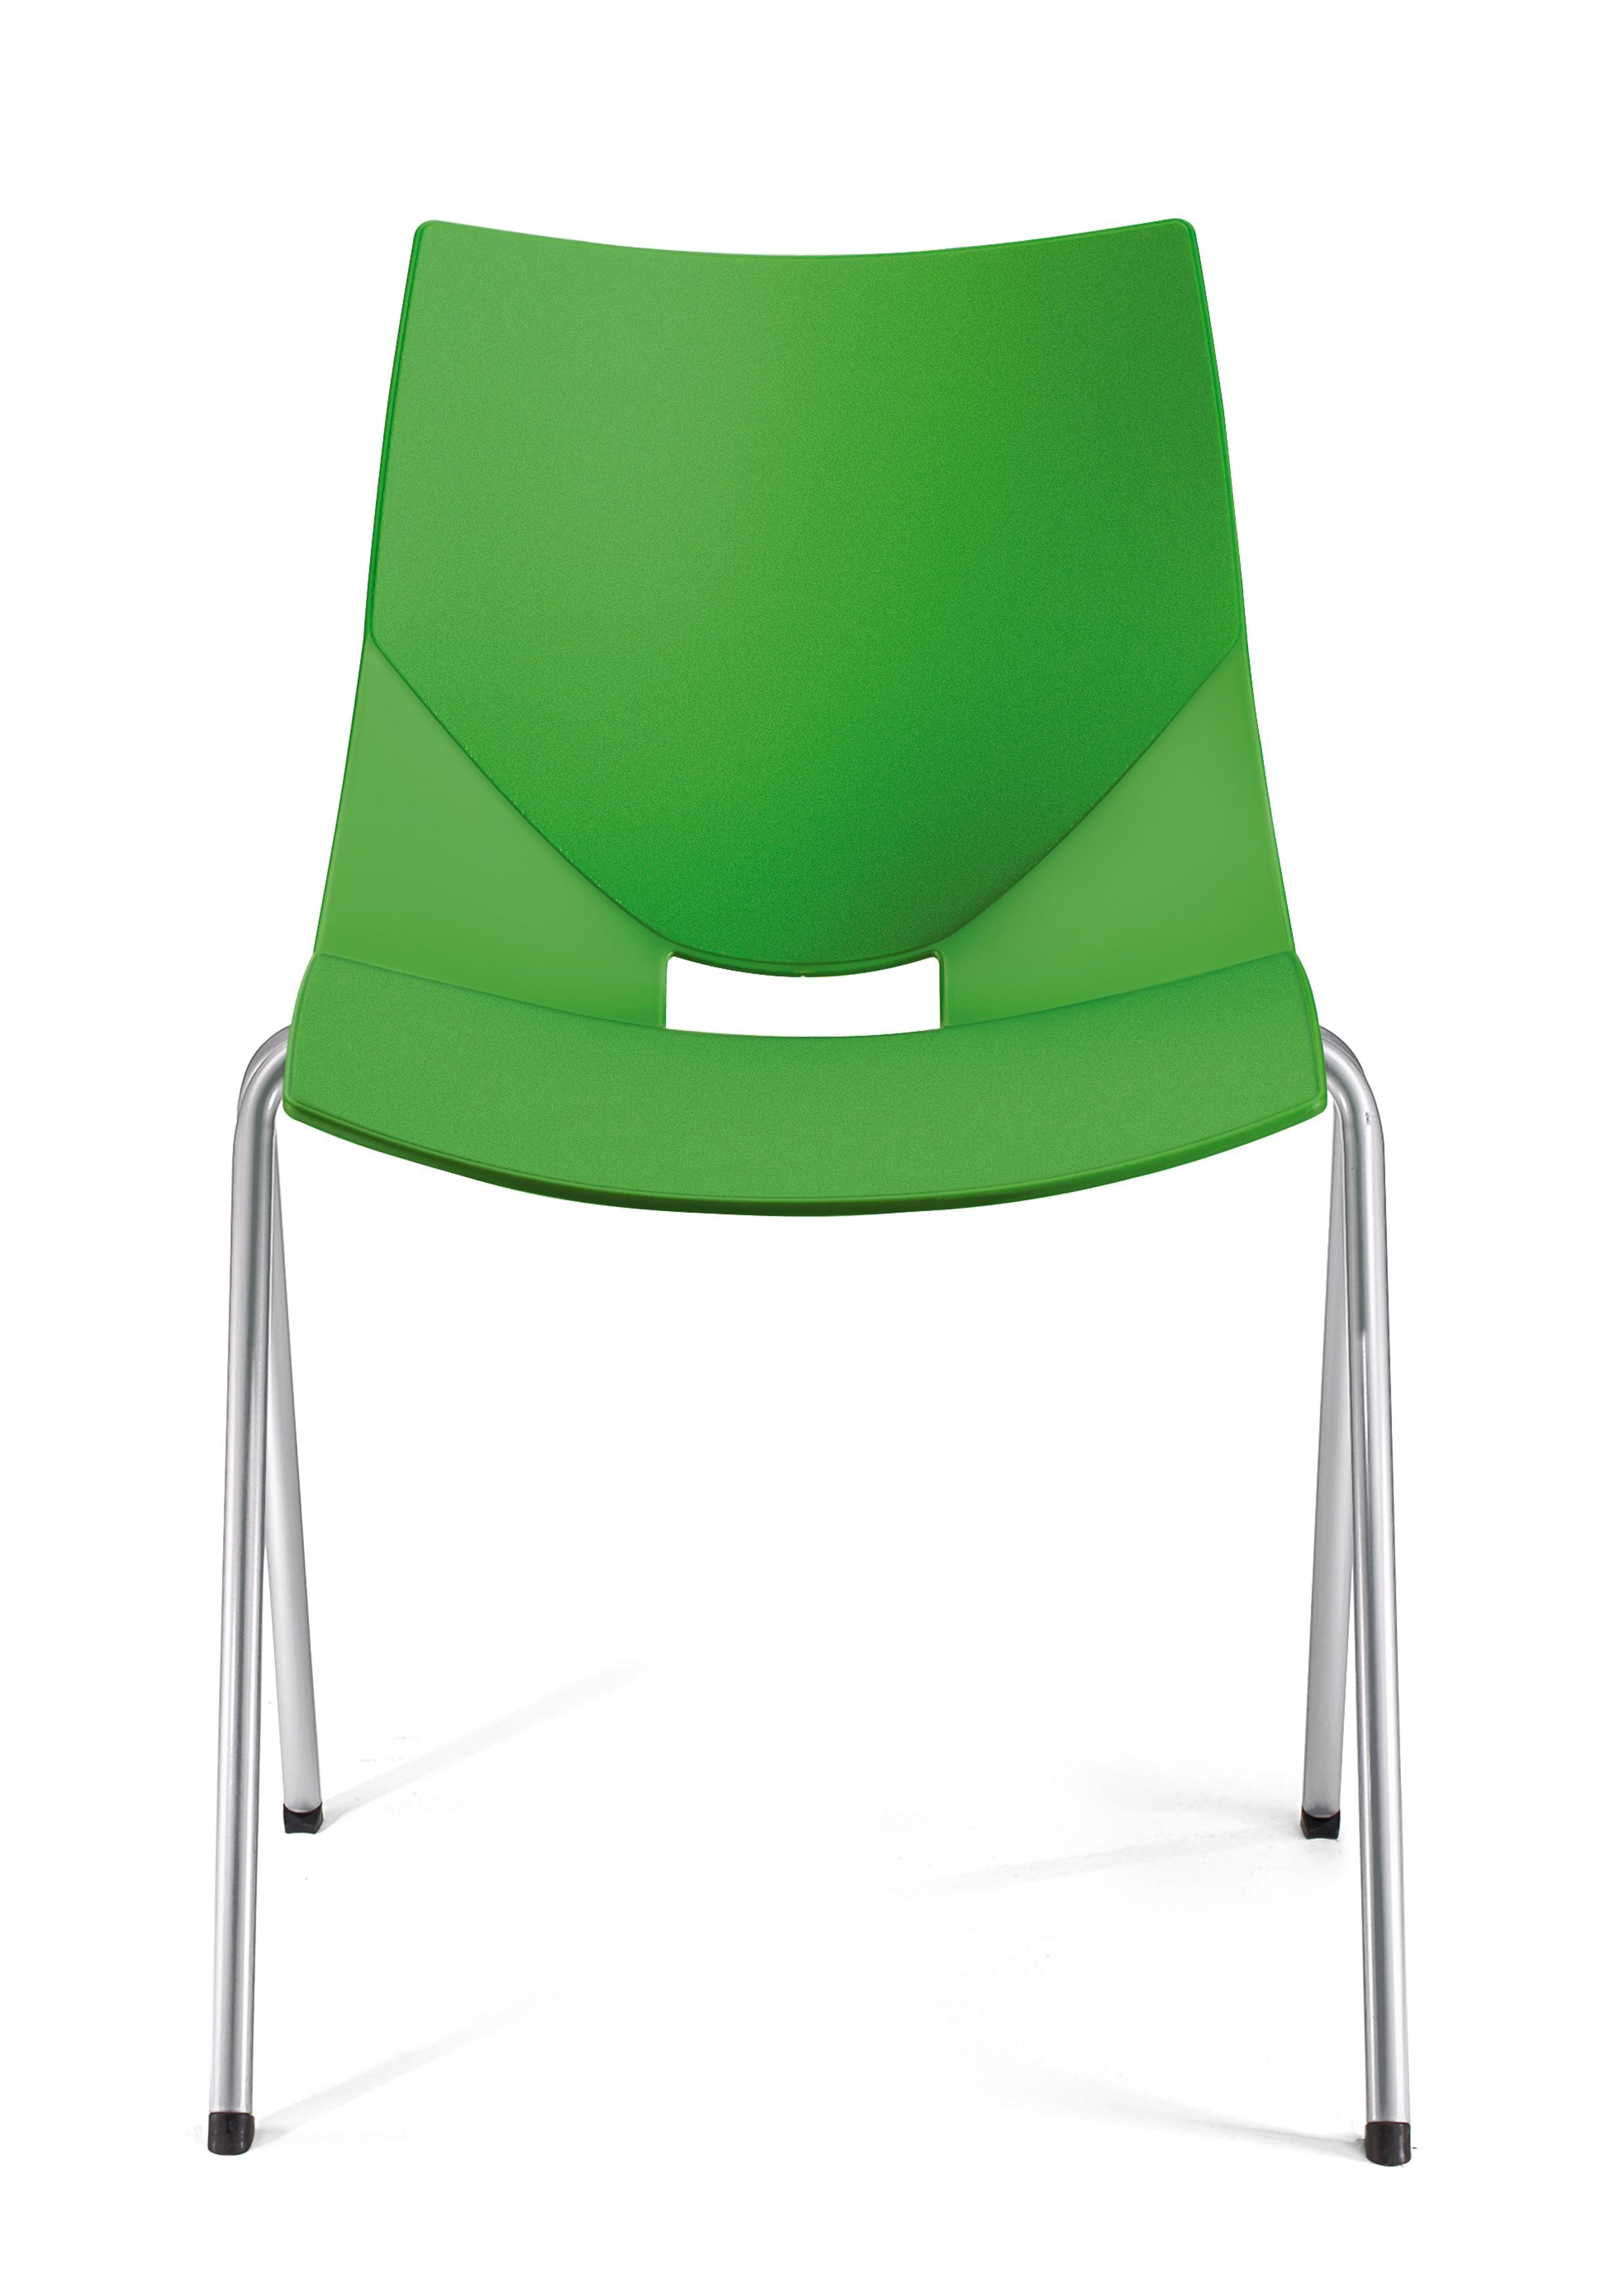 Krzesło konferencyjne SHELL, zielone plastikowe oryginalne krzesło konferencyjne Shell